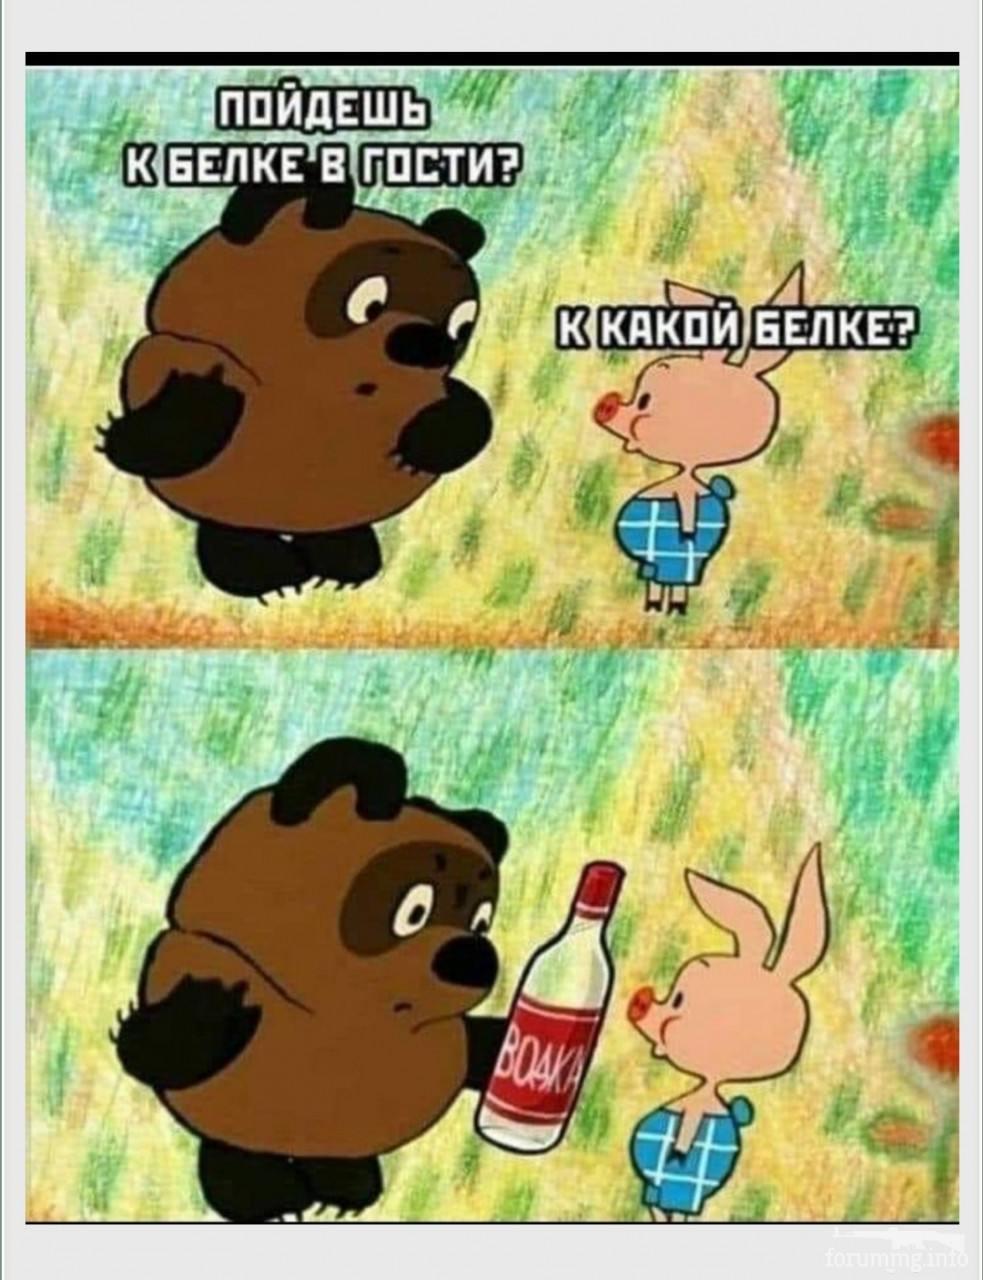 133258 - Пить или не пить? - пятничная алкогольная тема )))